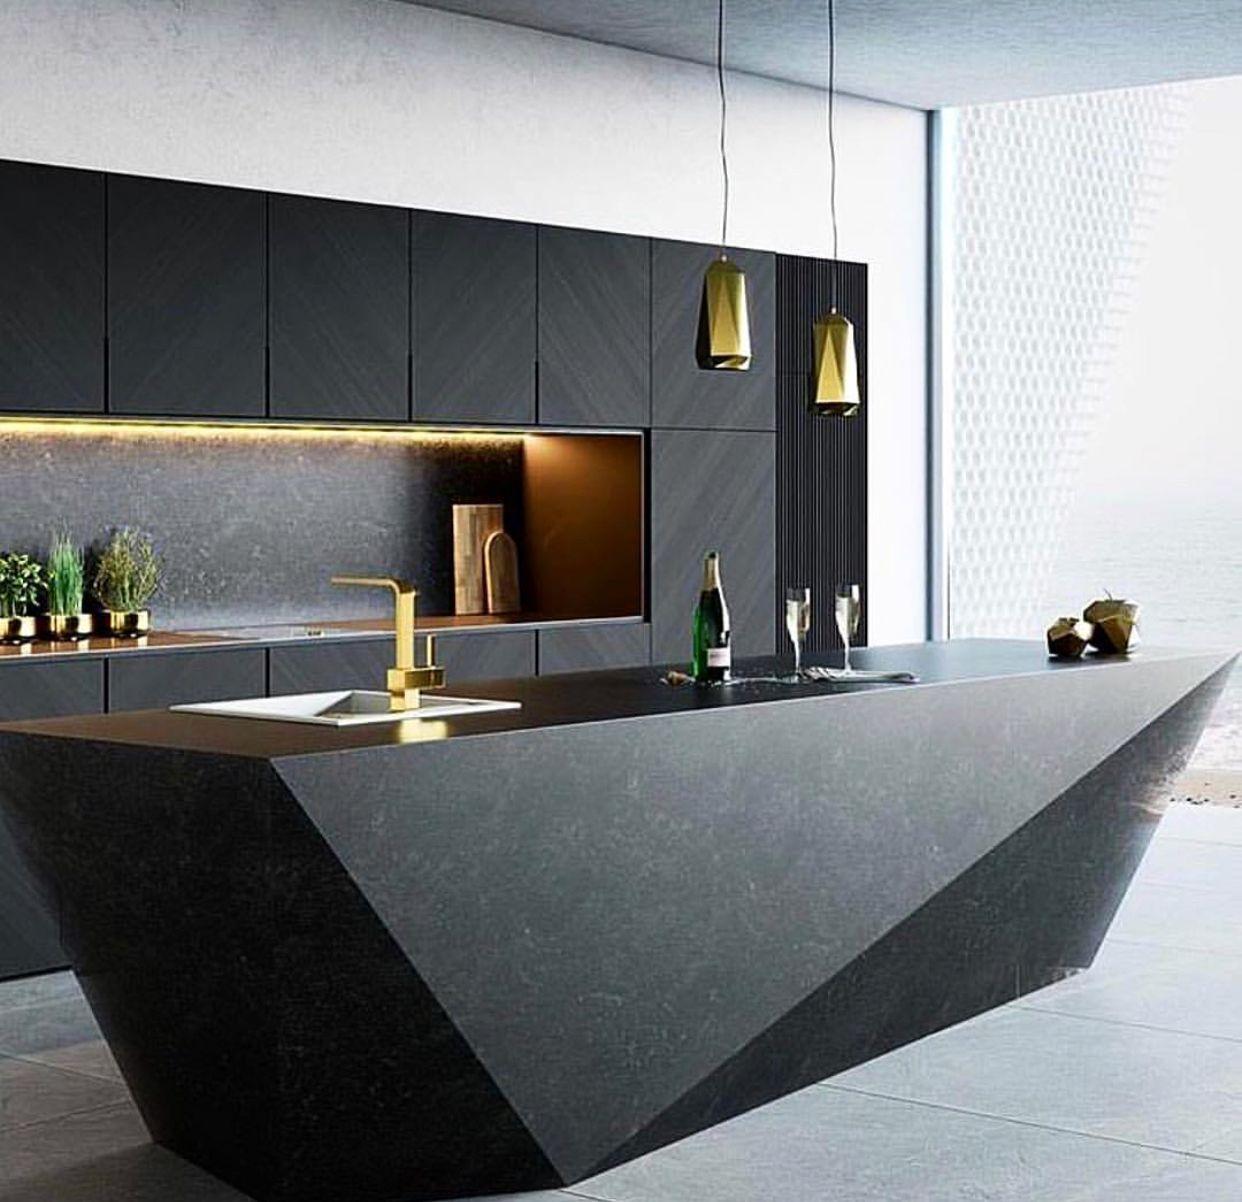 Дизайн кухонной мебели фото 15